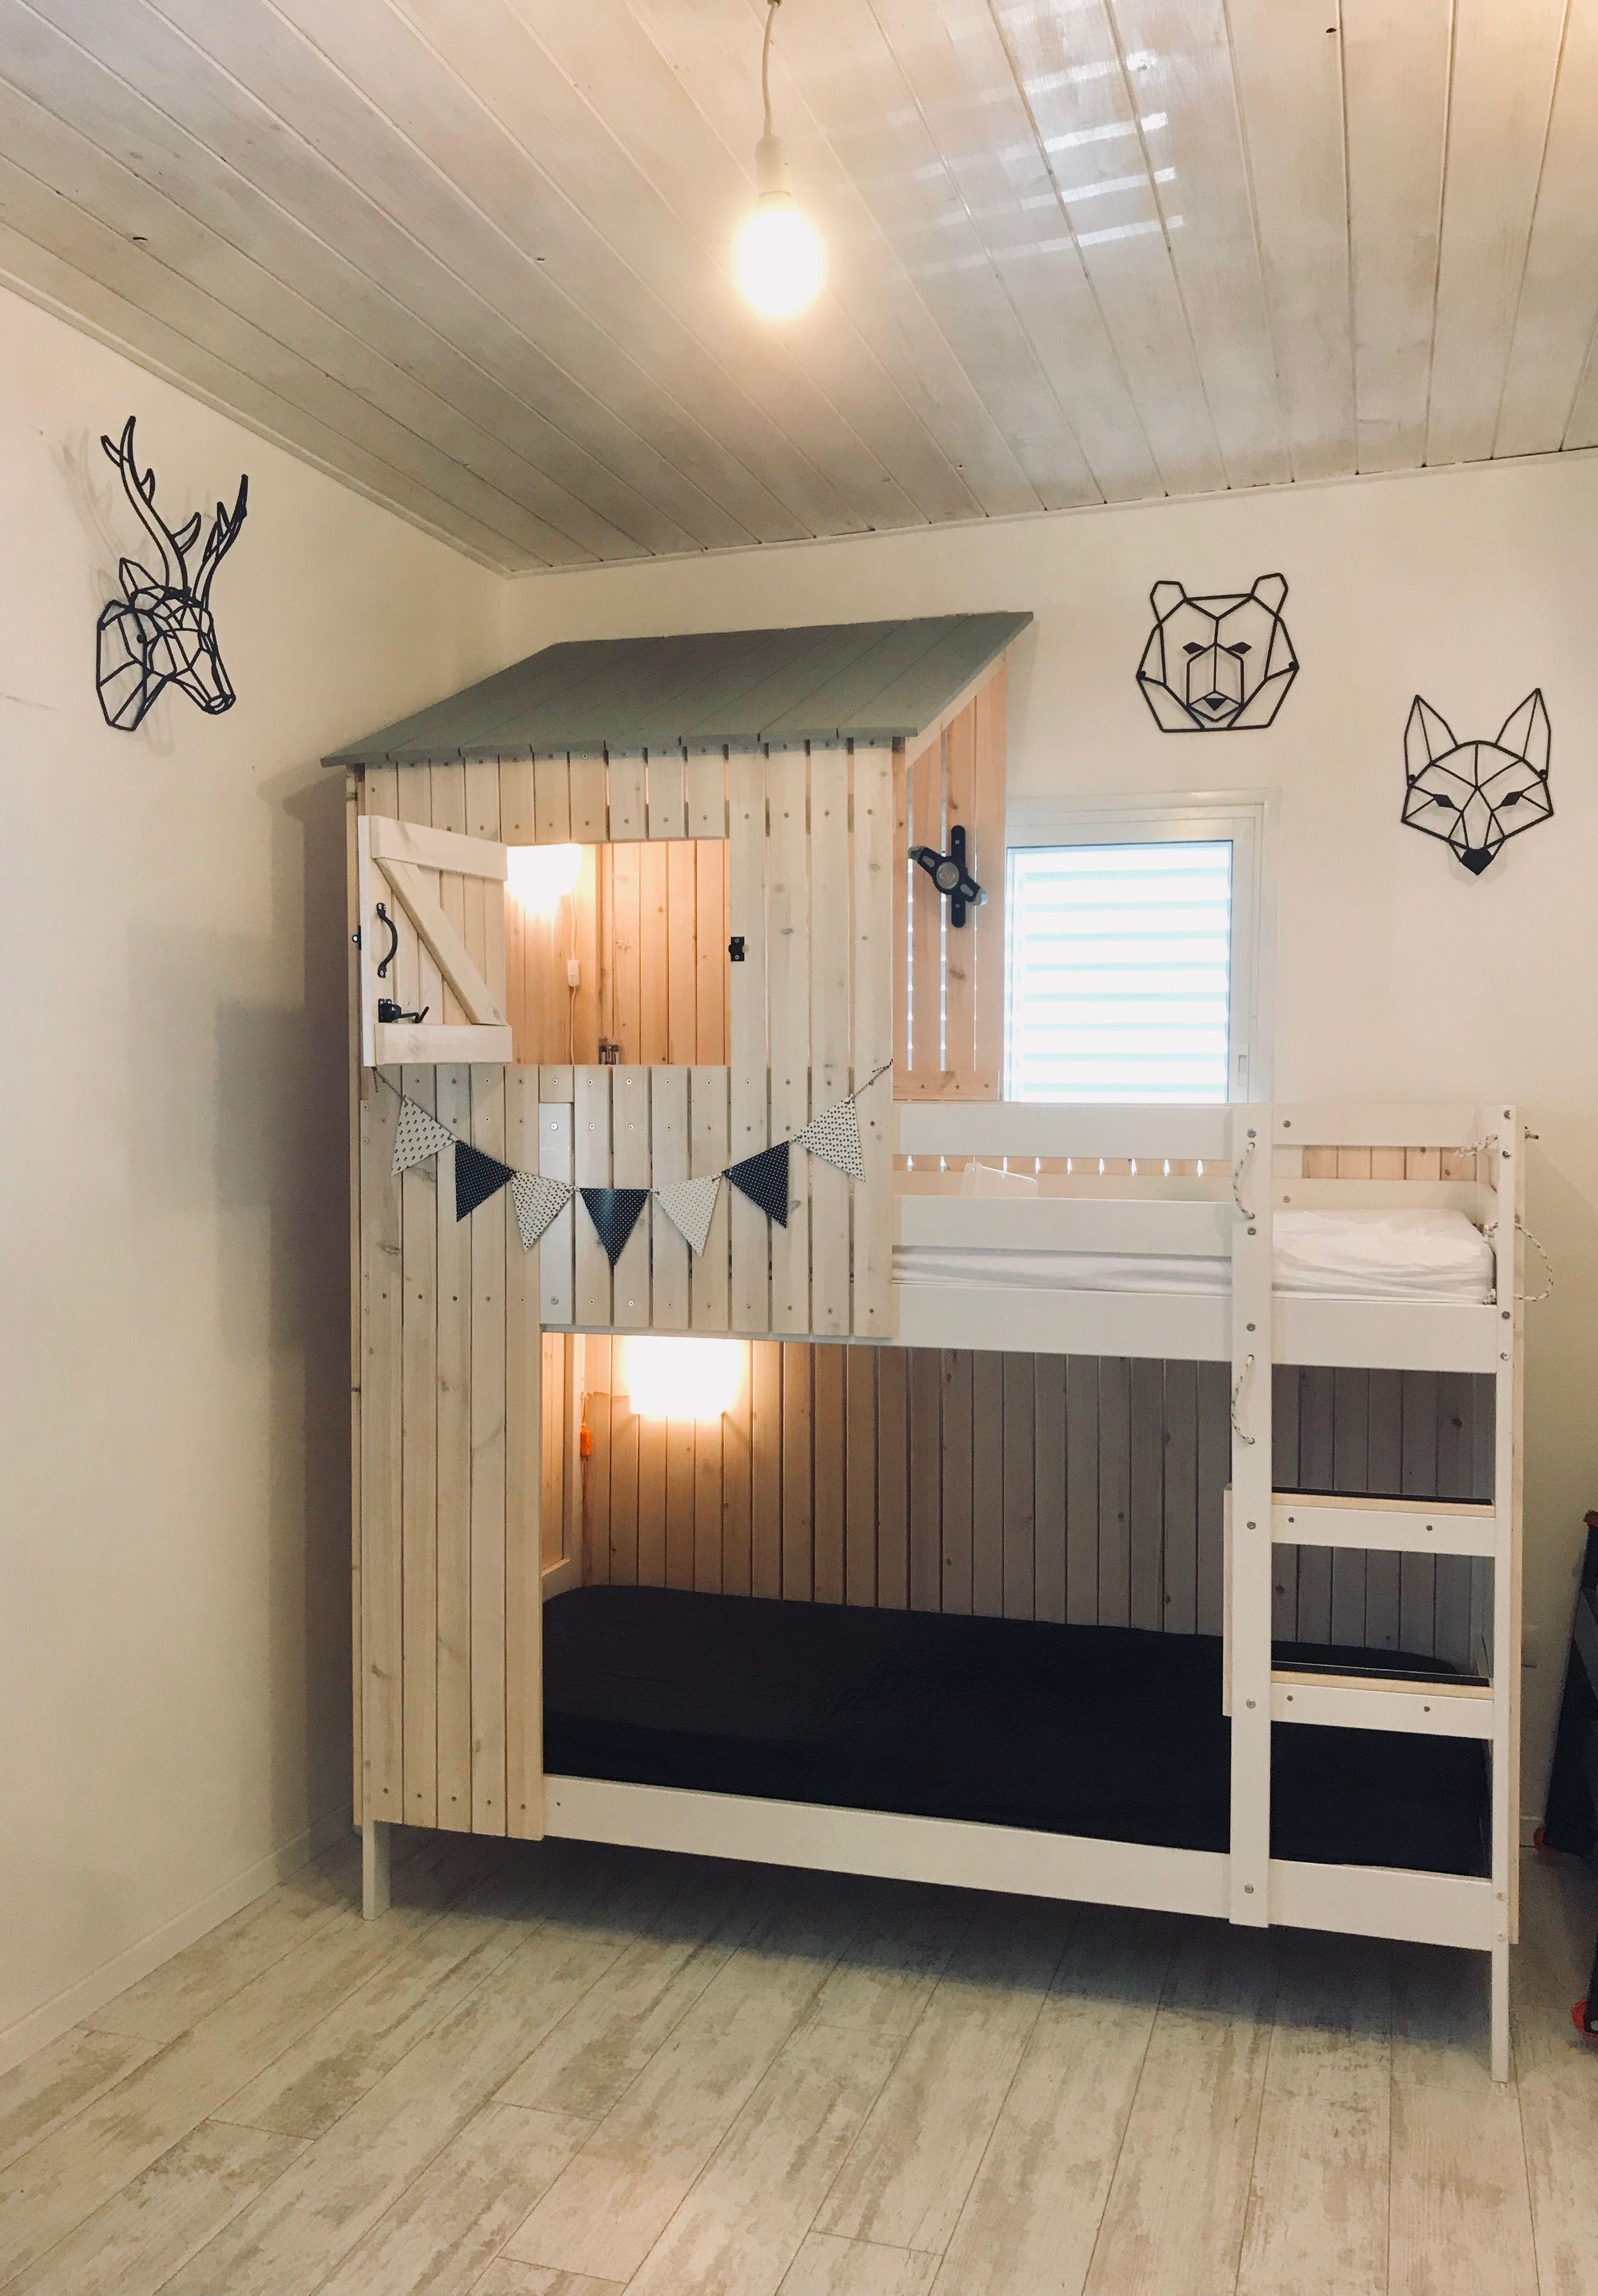 Une maison en bois construite sur un lit Ikea Mydal.